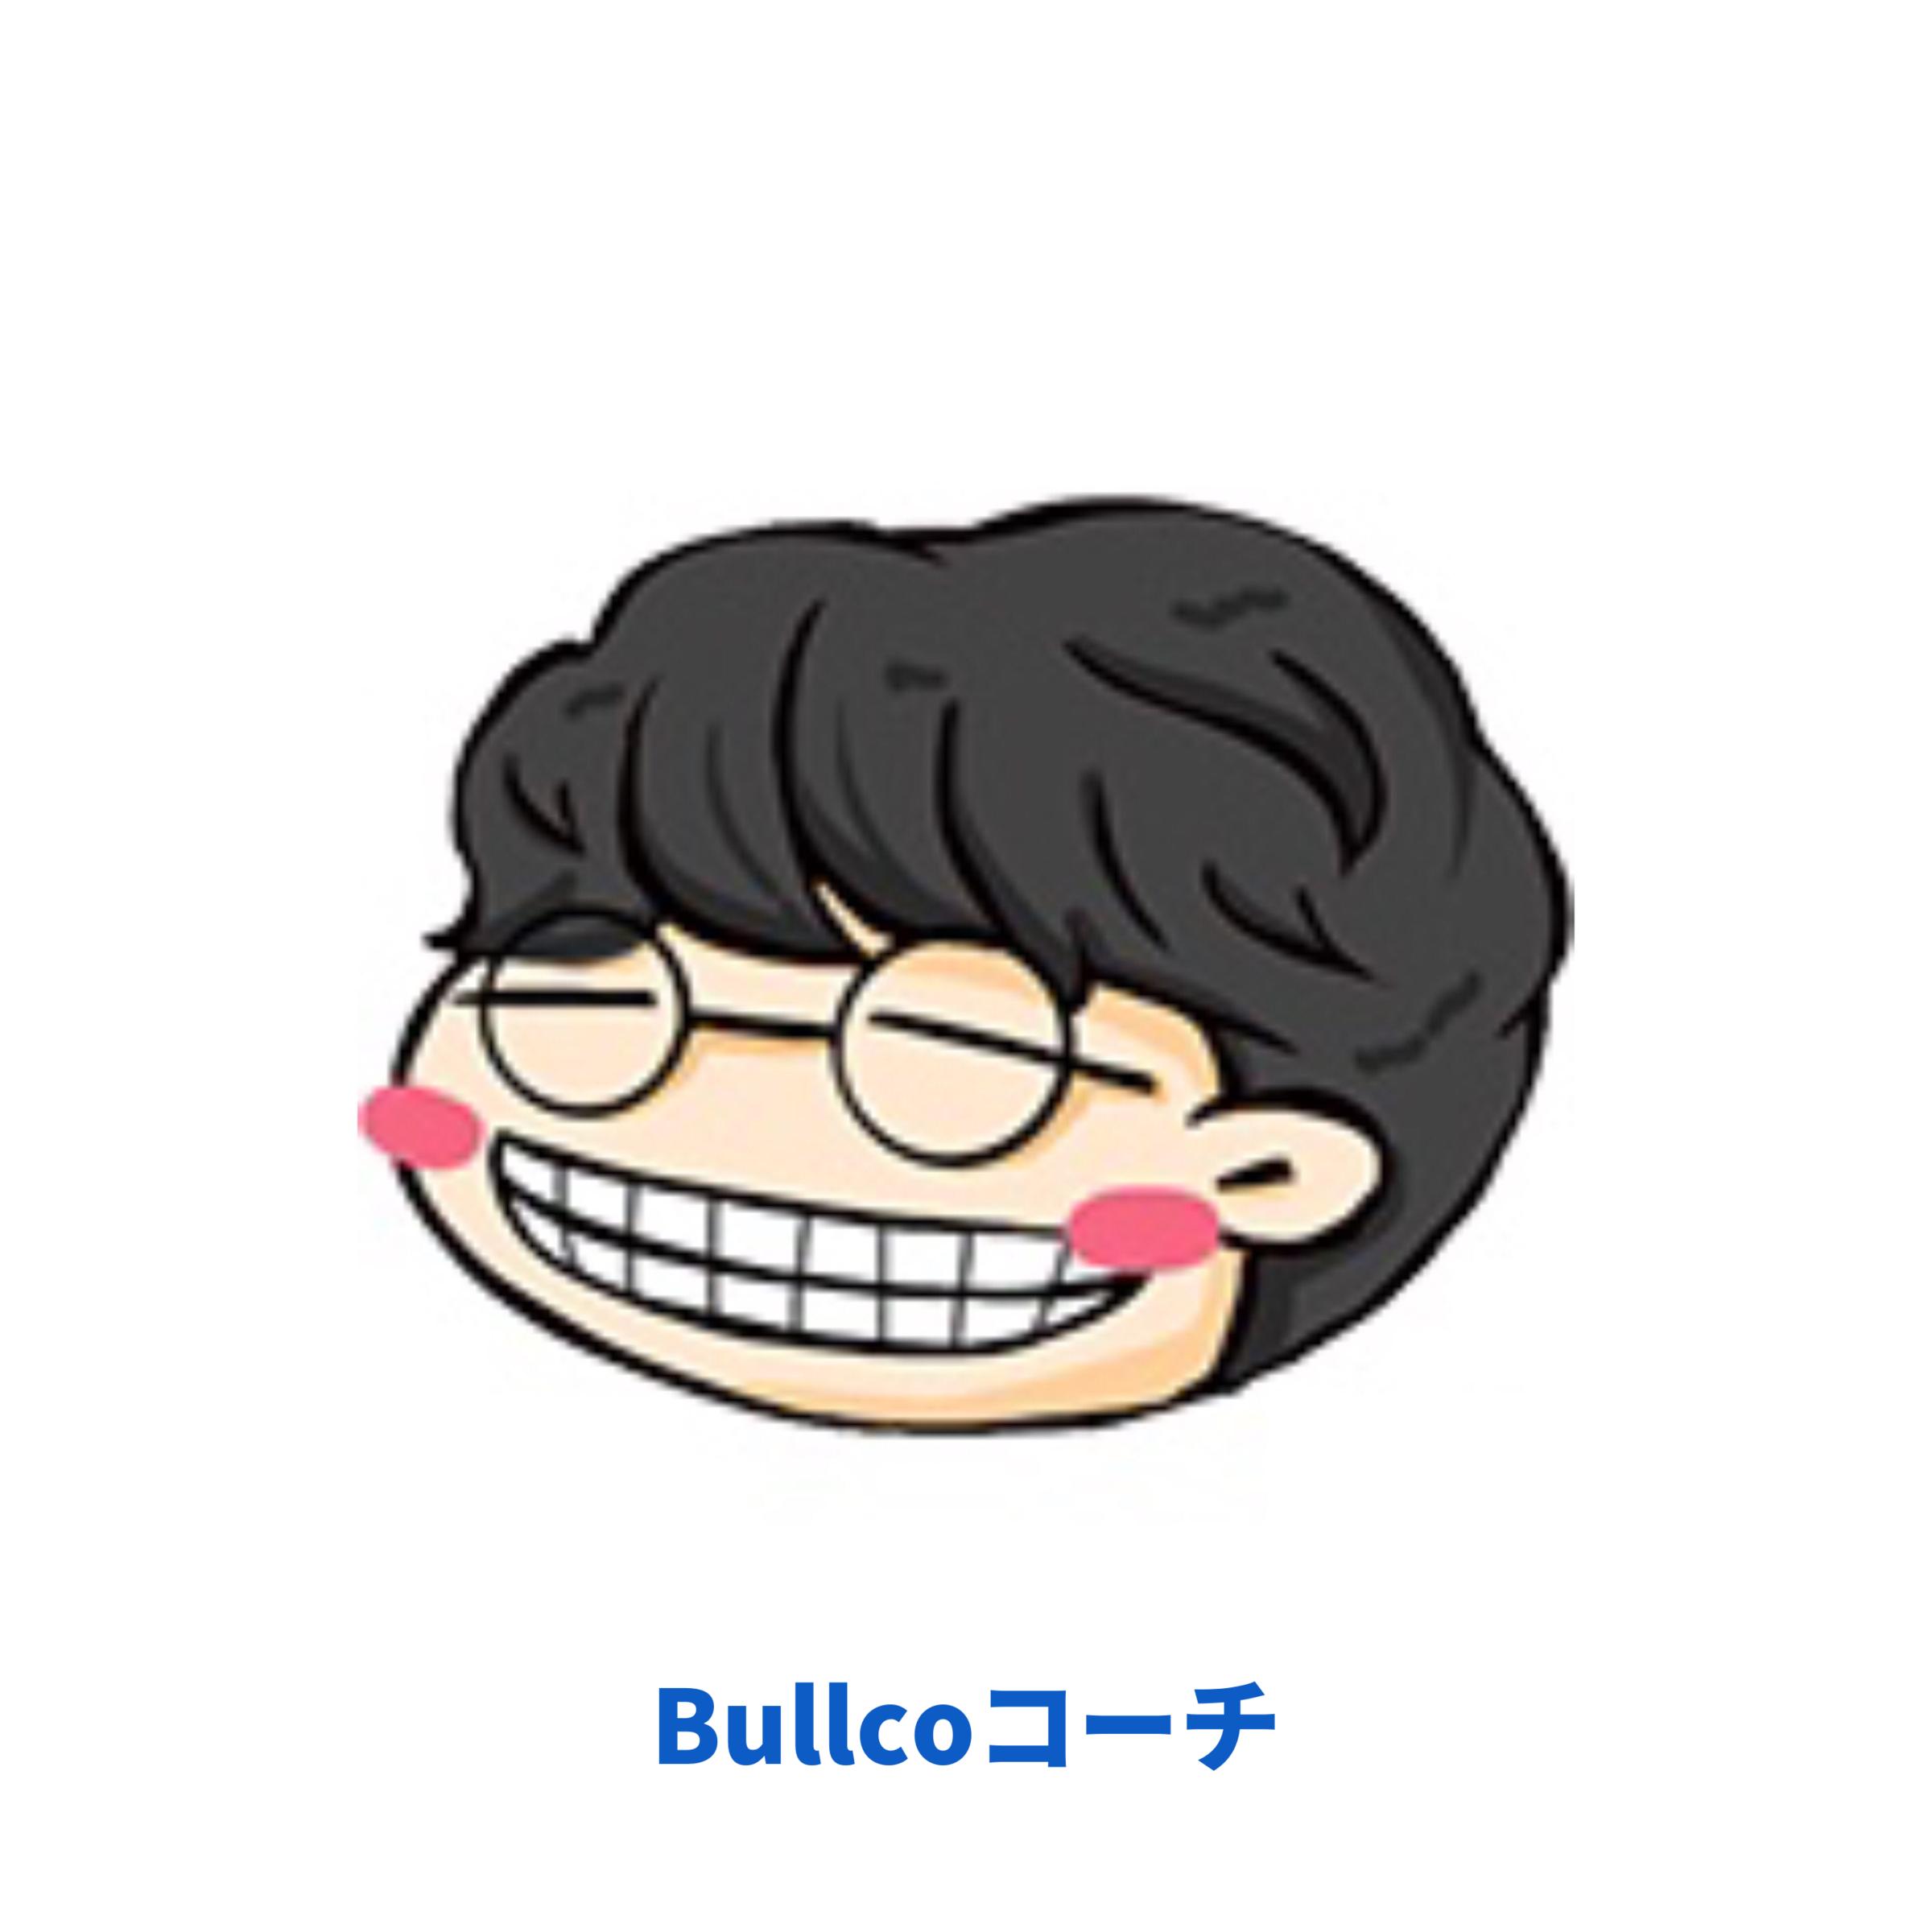 f:id:akiba_encount:20201113202632p:plain